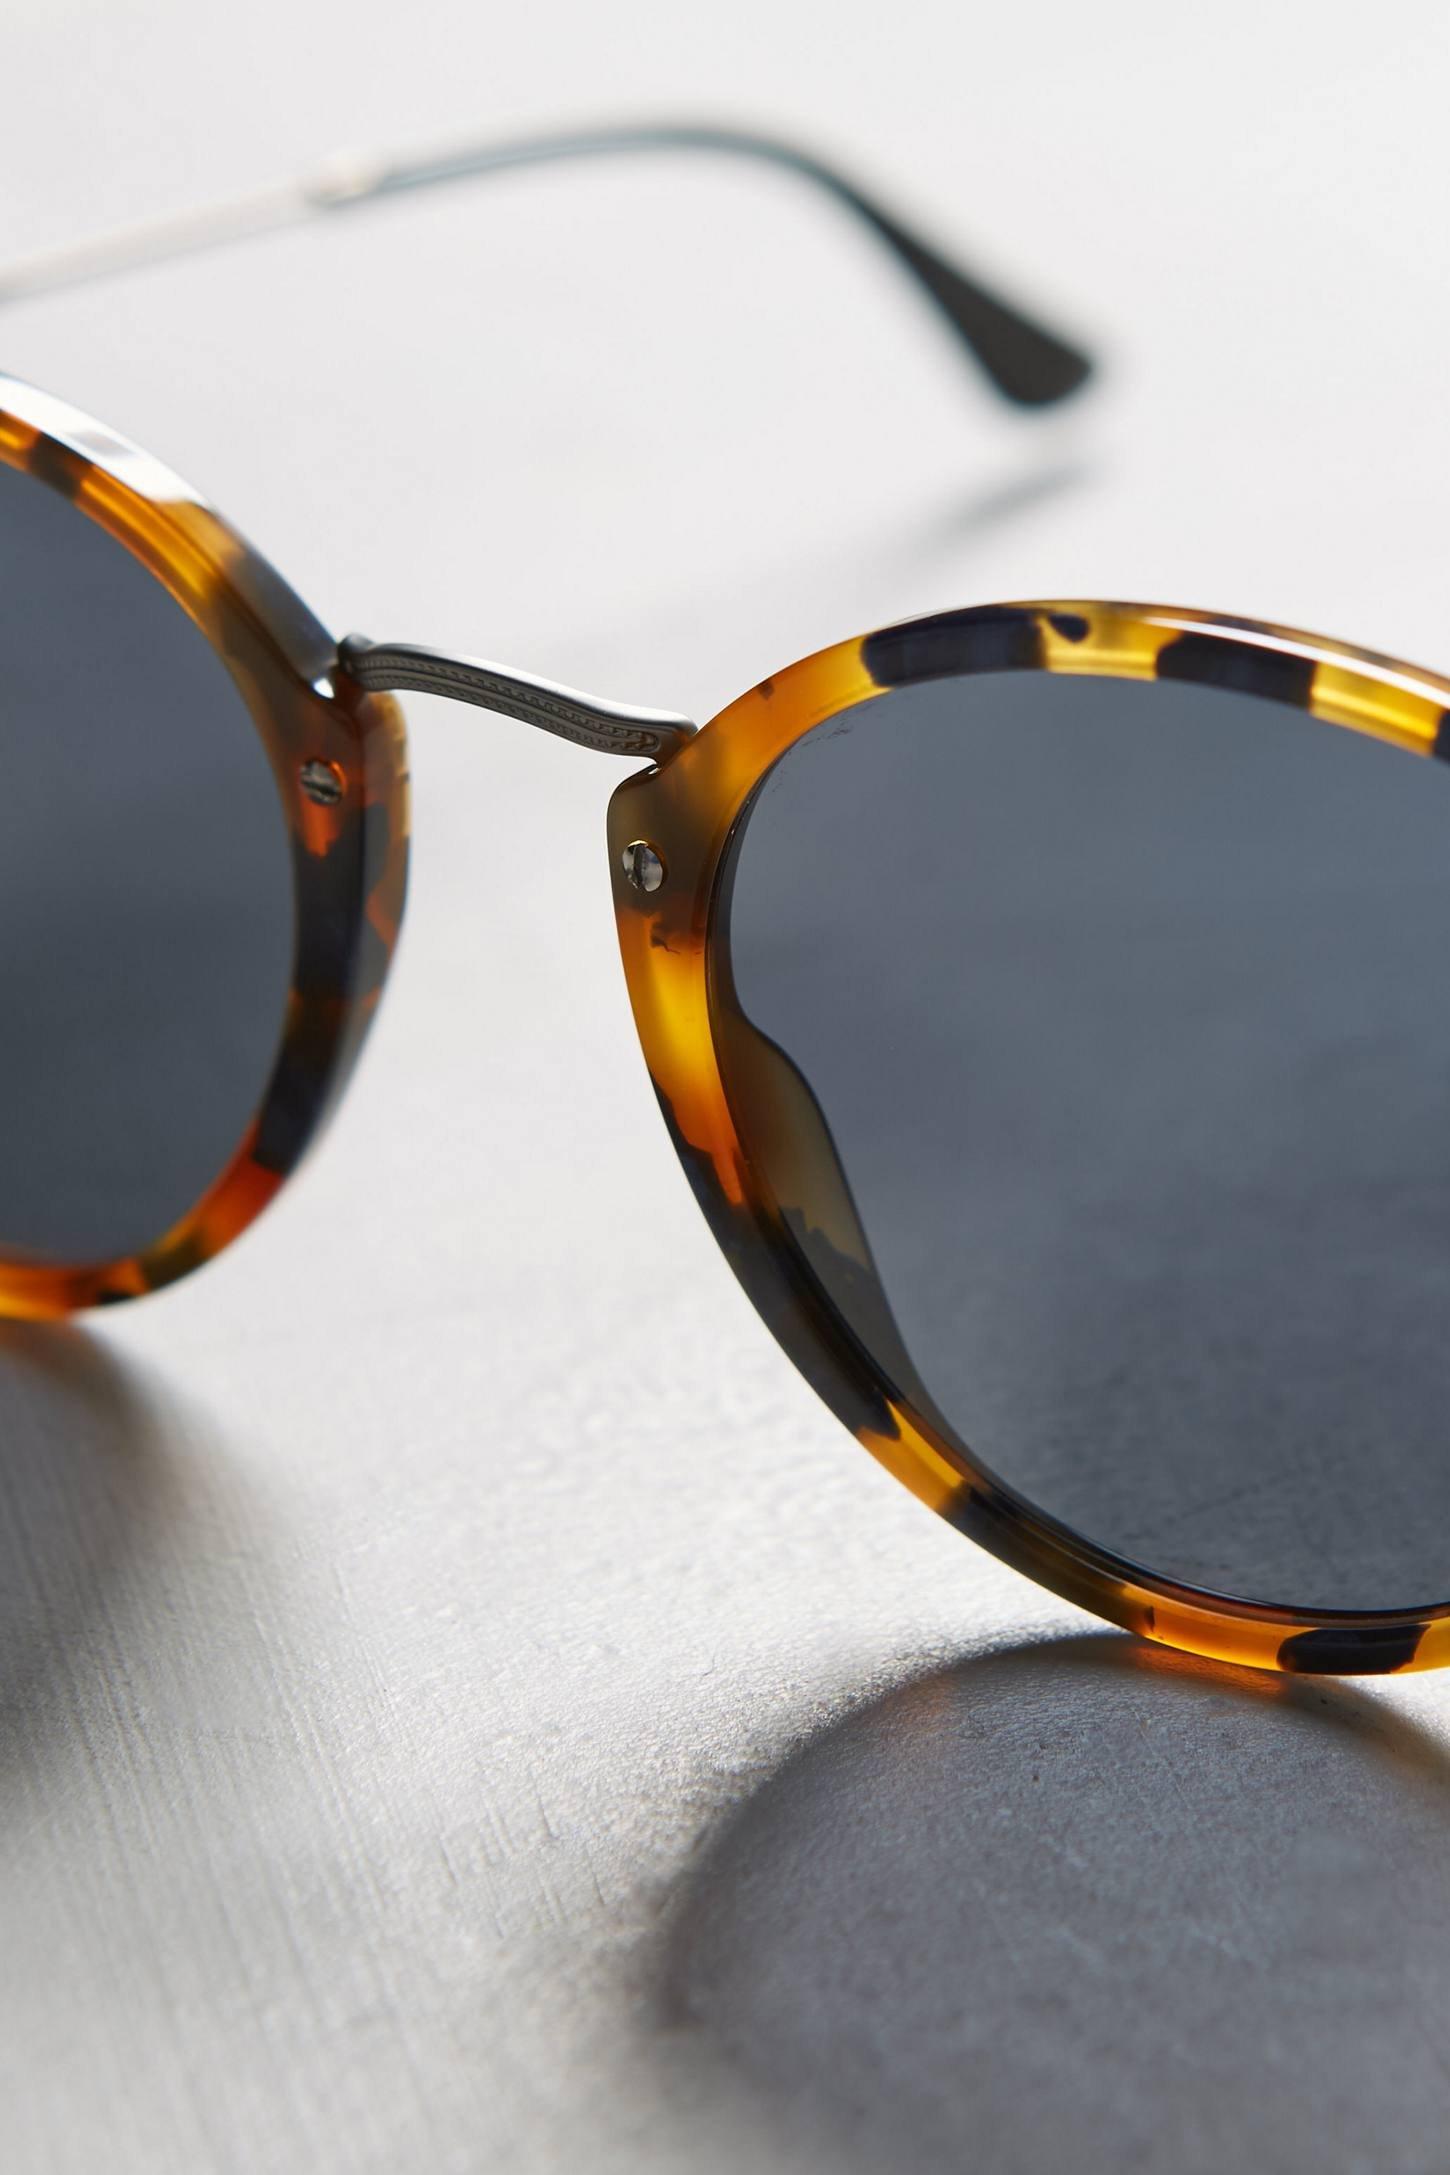 4cae5a0f8d3 Ray Ban Round Icon Sunglasses « Heritage Malta